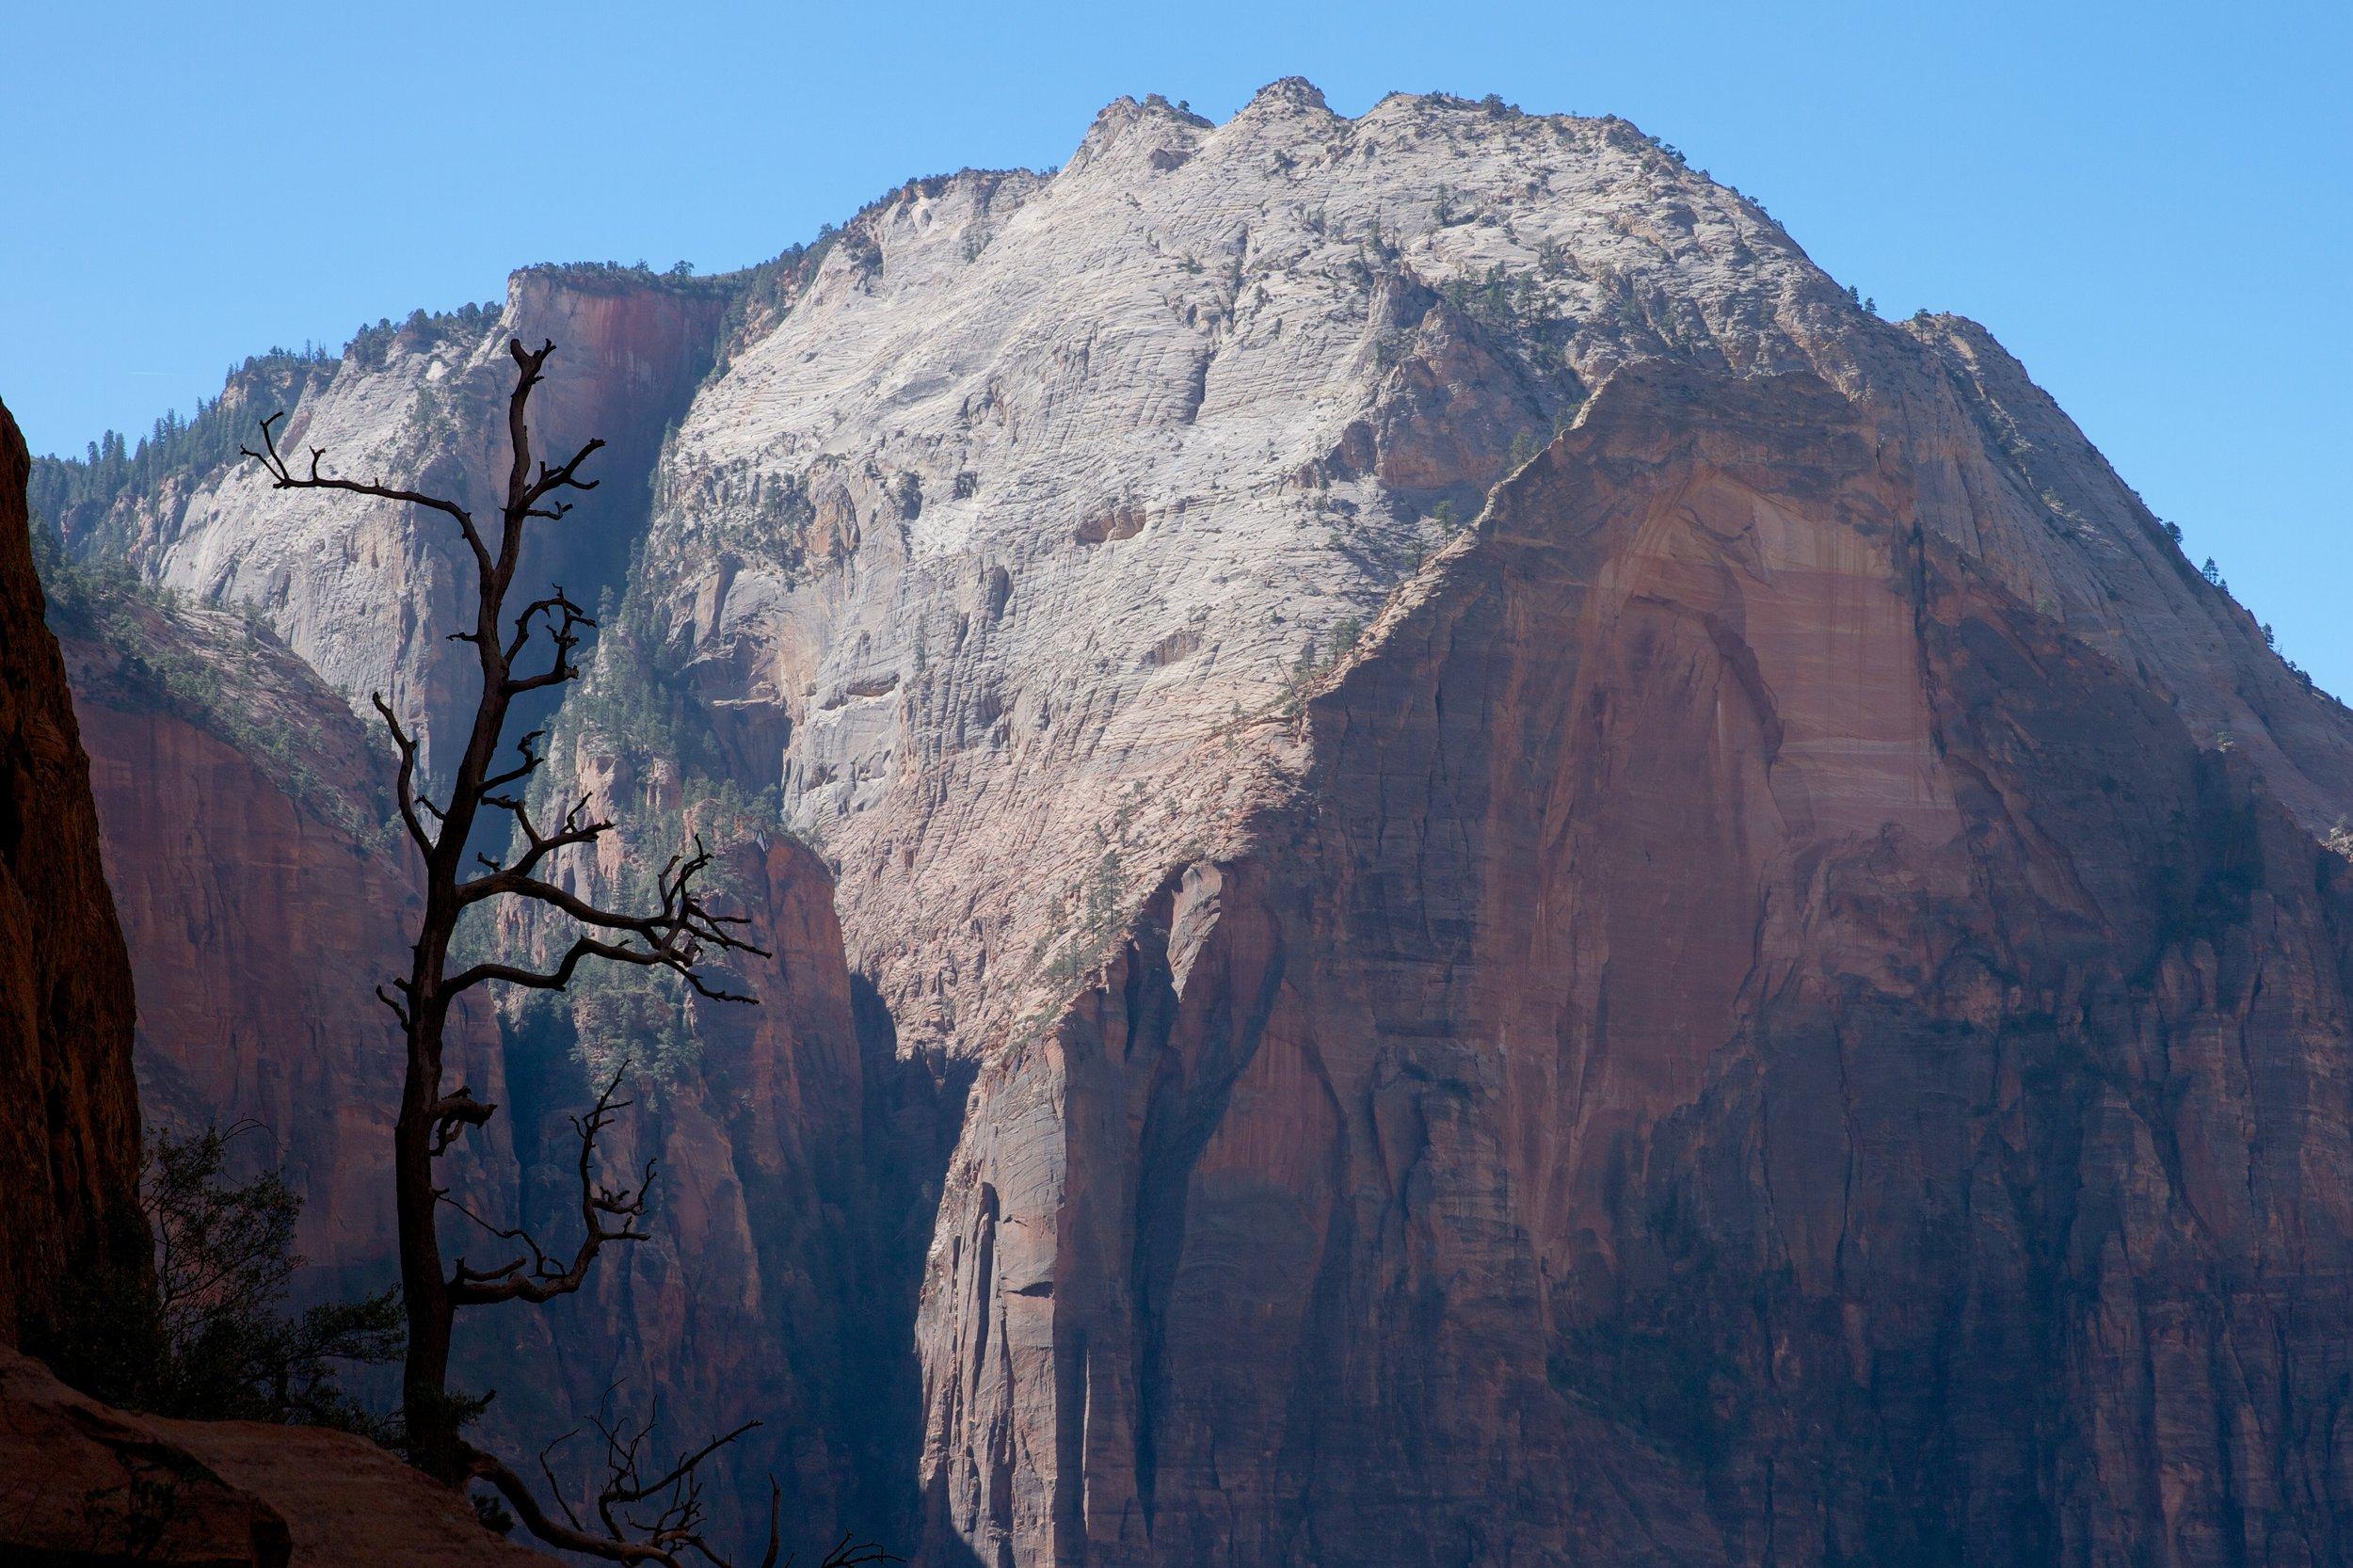 Yosemite to Arches